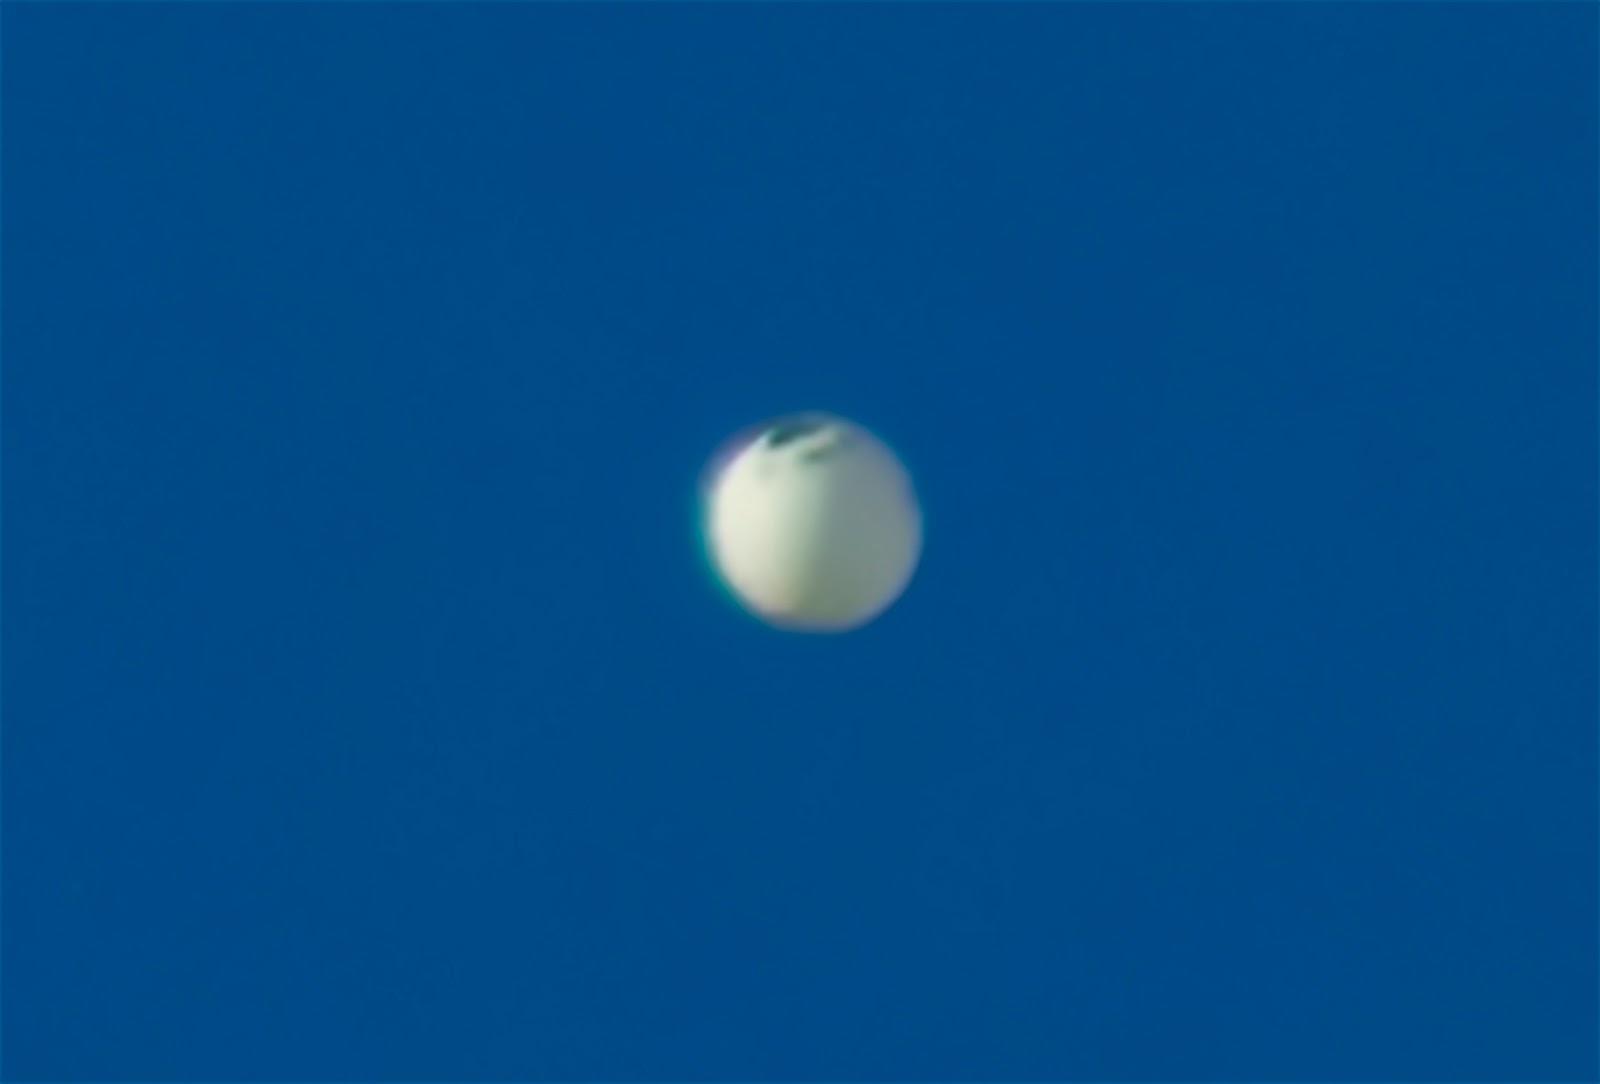 В небе над Бразилией заметили шарообразный НЛО